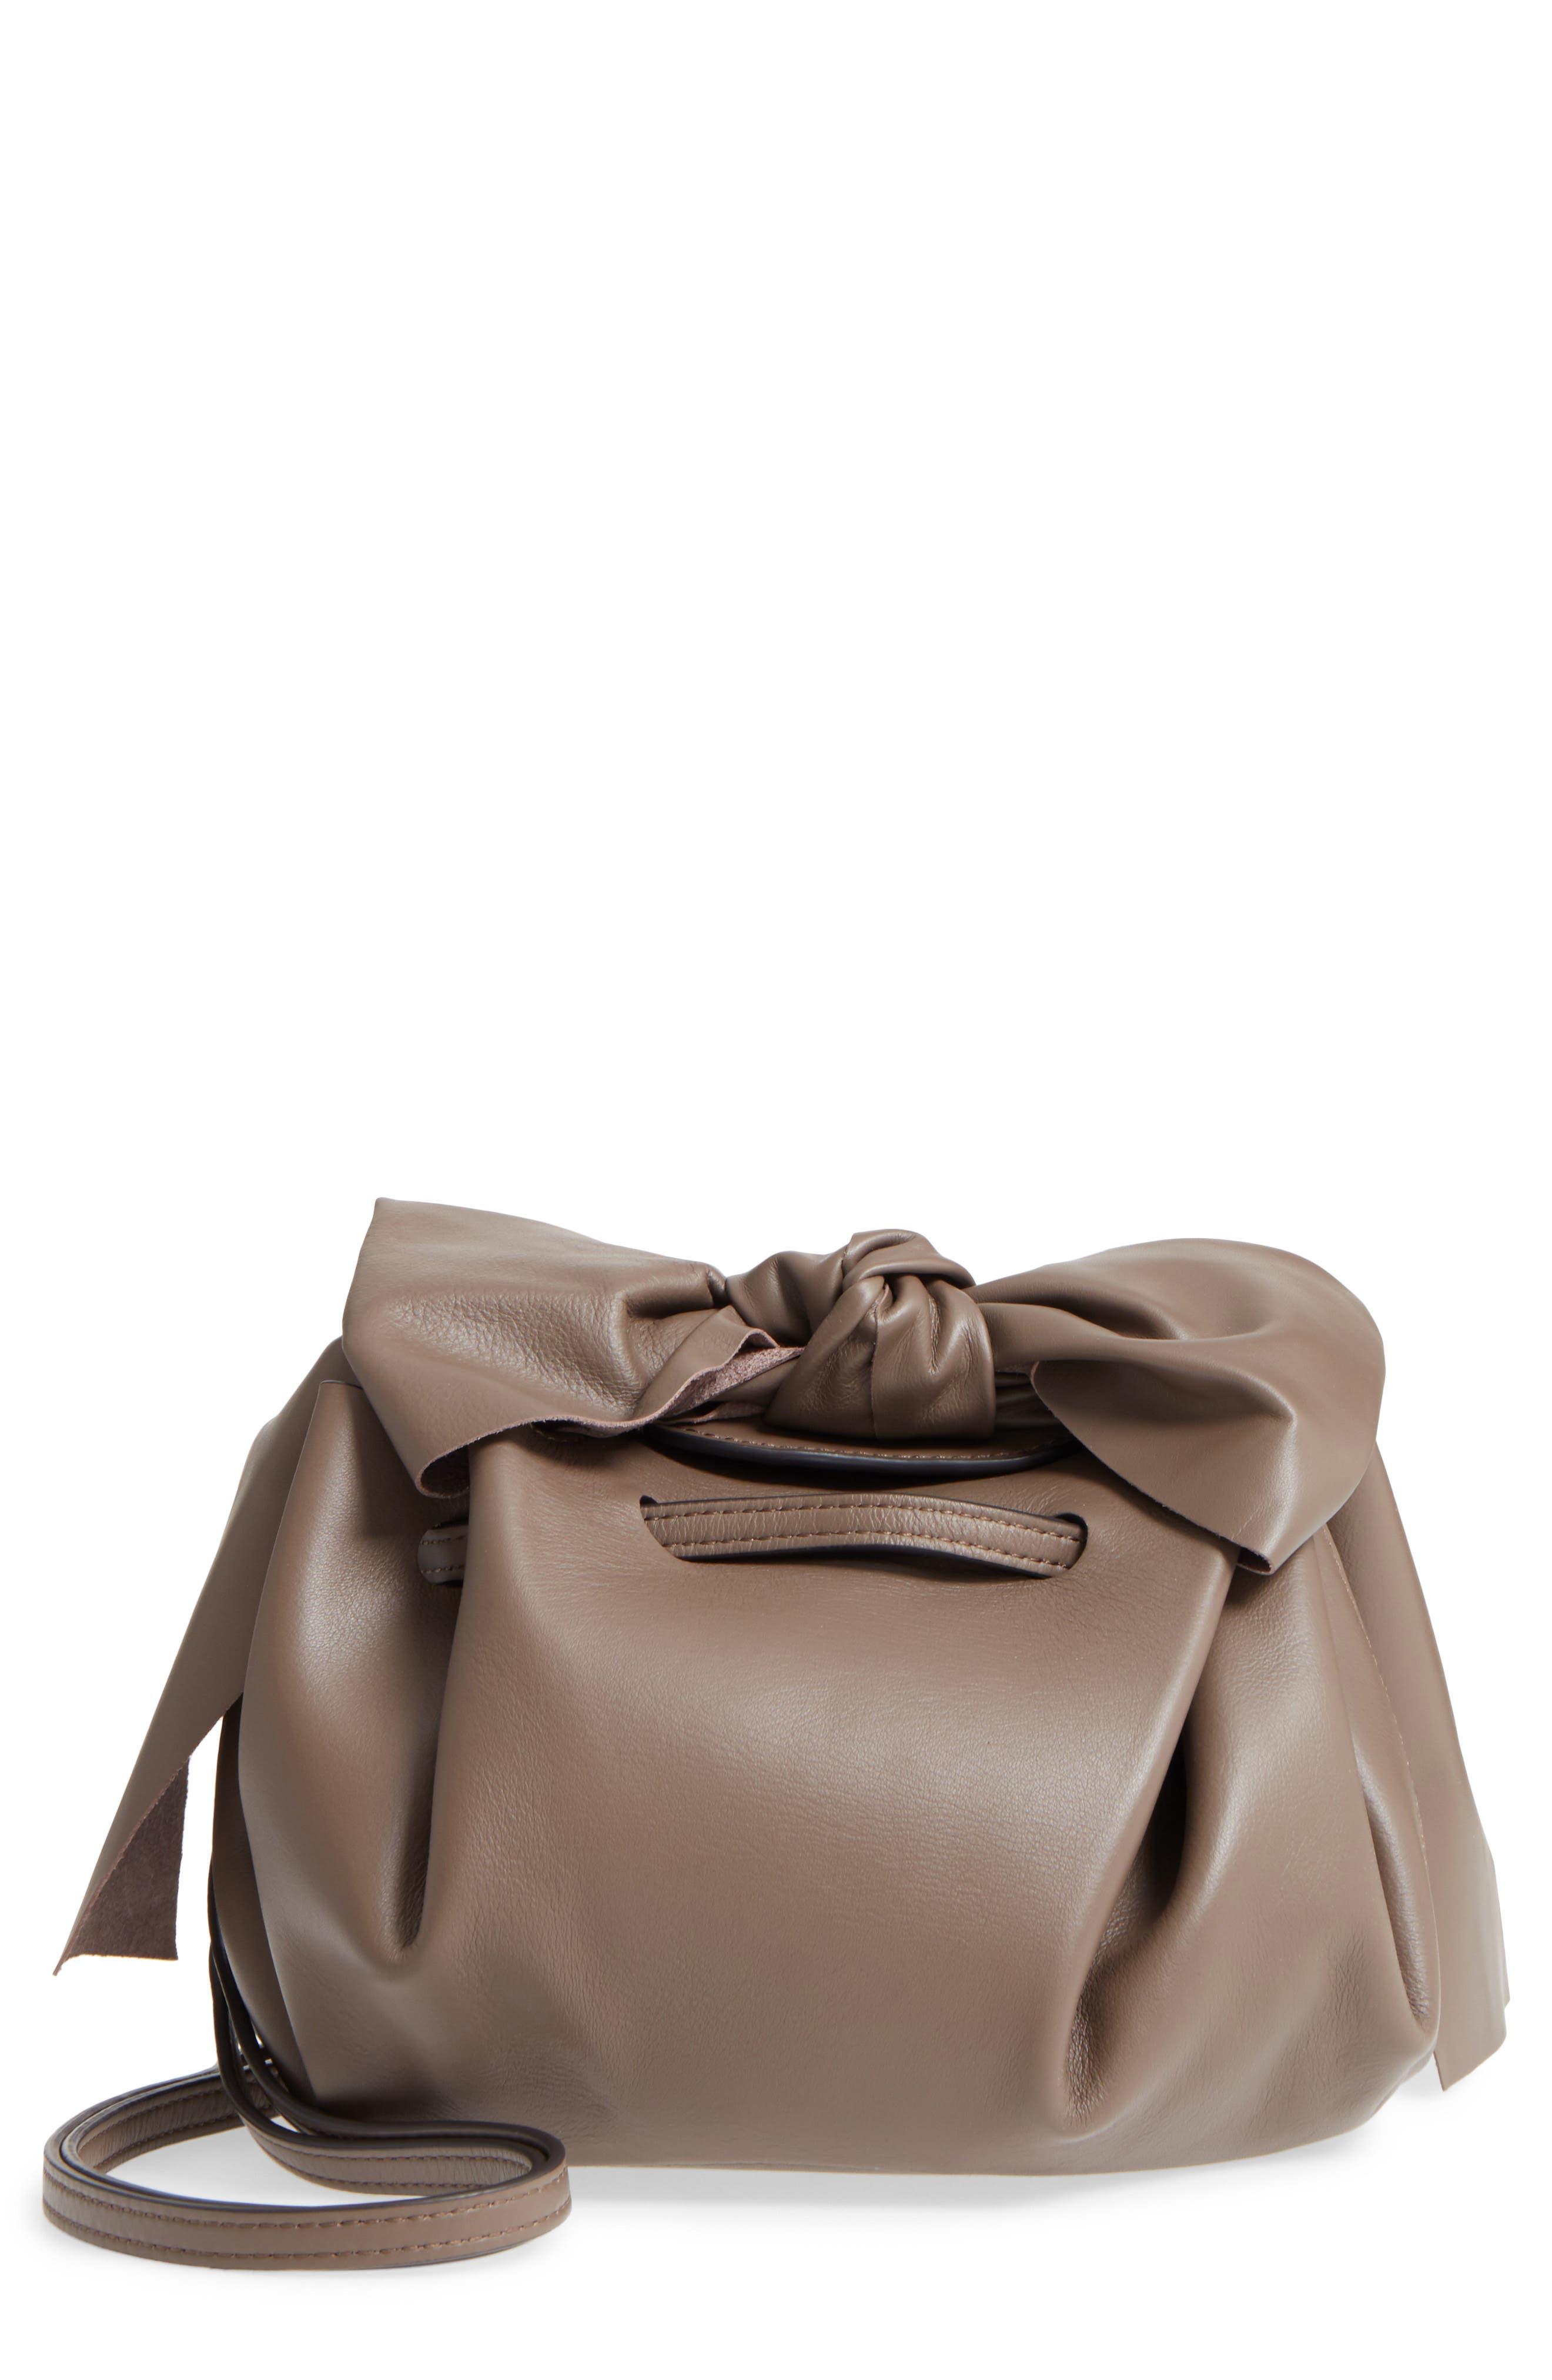 ZAC Zac Posen Soiree Leather Crossbody Bag